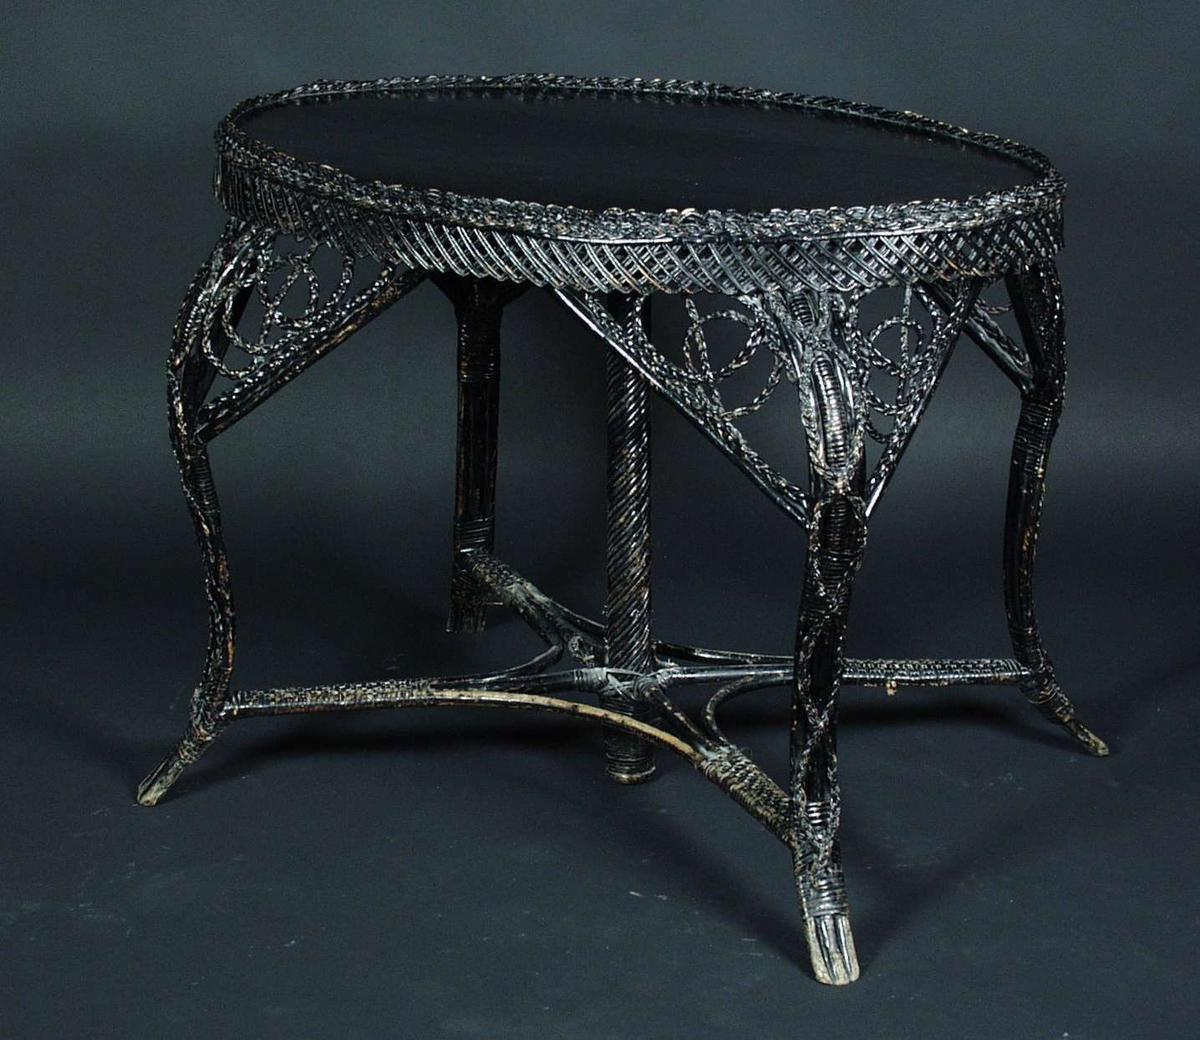 Et ovalt bord av furu og flettet pilskudd med svart maling. Bordplaten er i furu, mens sargen er flettet. Bordet har kryss under som er festet til bena En spiral søyle som er festet i bordplaten går gjennom krysset.